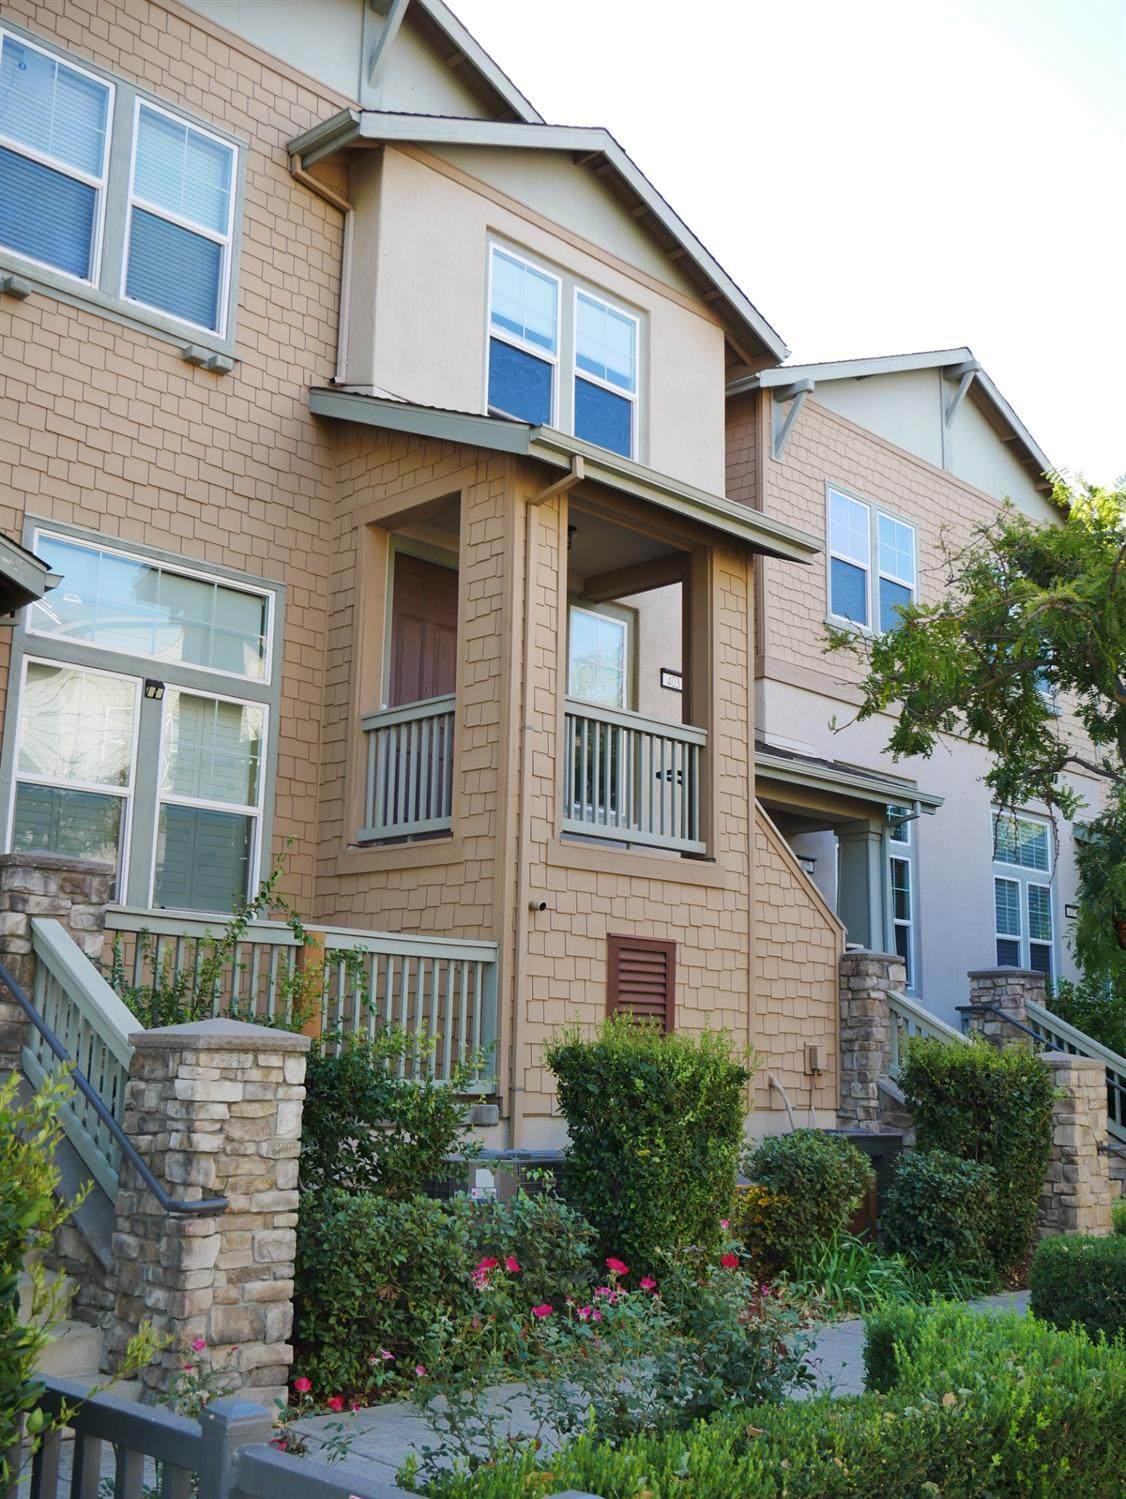 403 Washington Sq - Photo 1